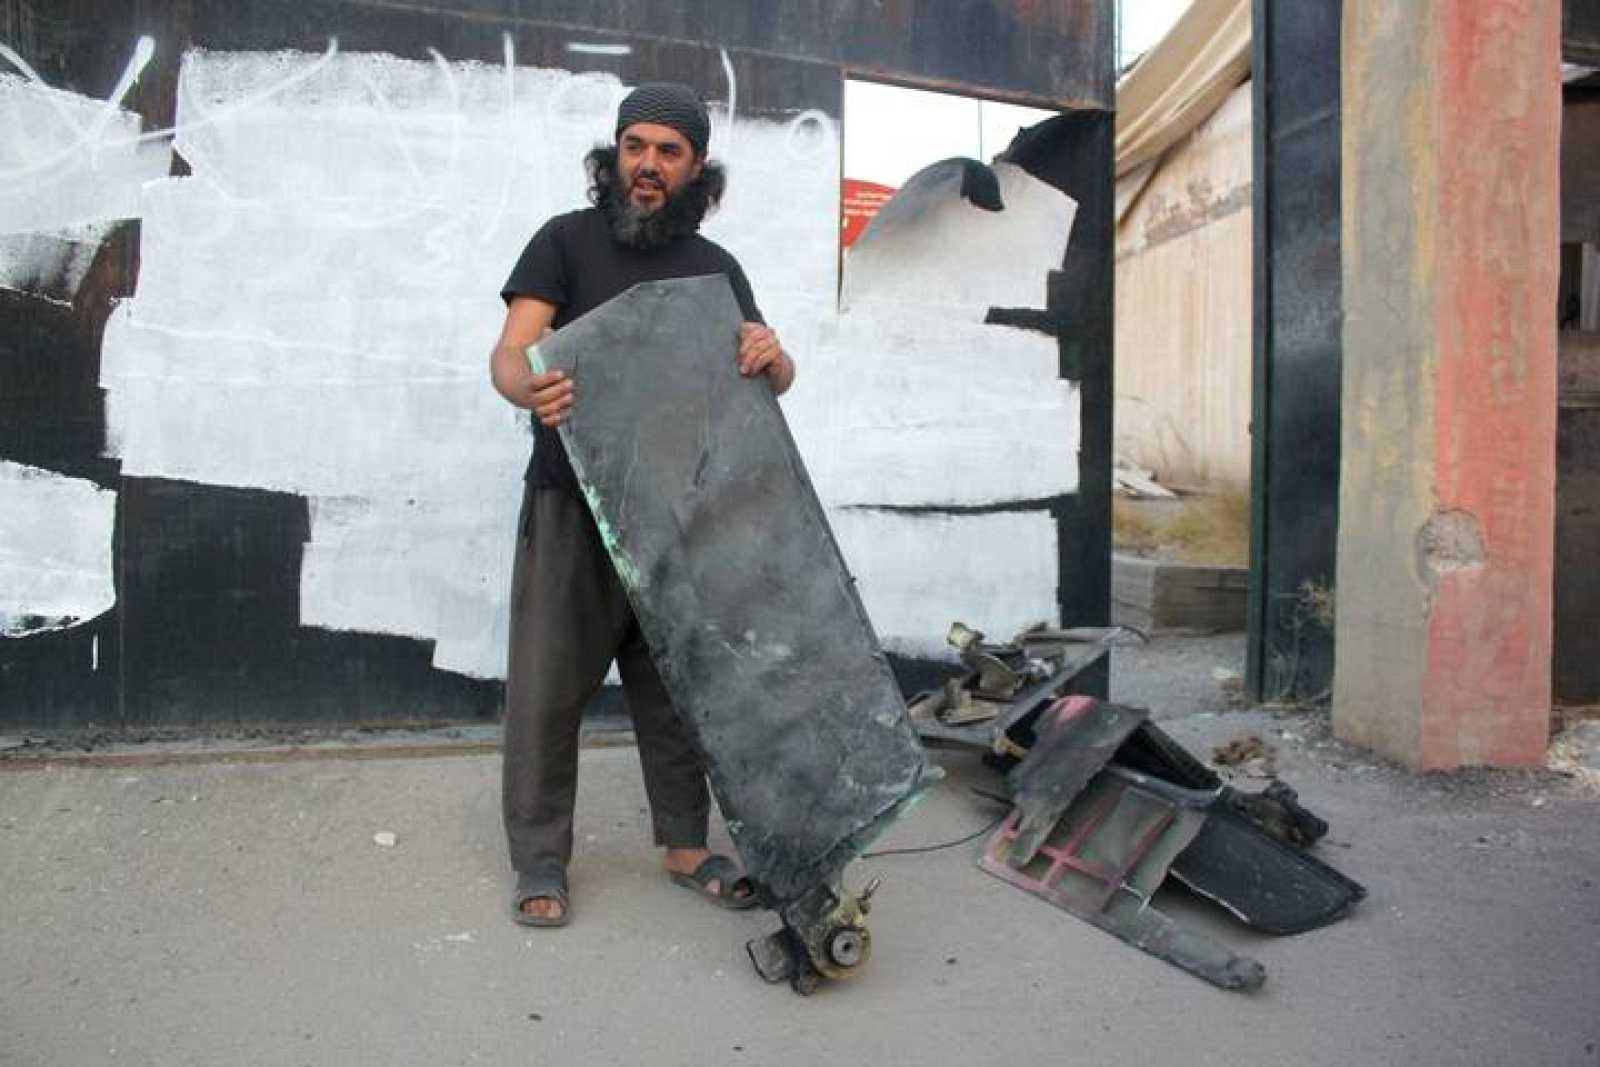 Un miliciano del Estado Islámico sostiene una pieza que, asegura, pertenece a un drone estadounidense estrellado en una torre de comunicación en Raqqa, Siria.